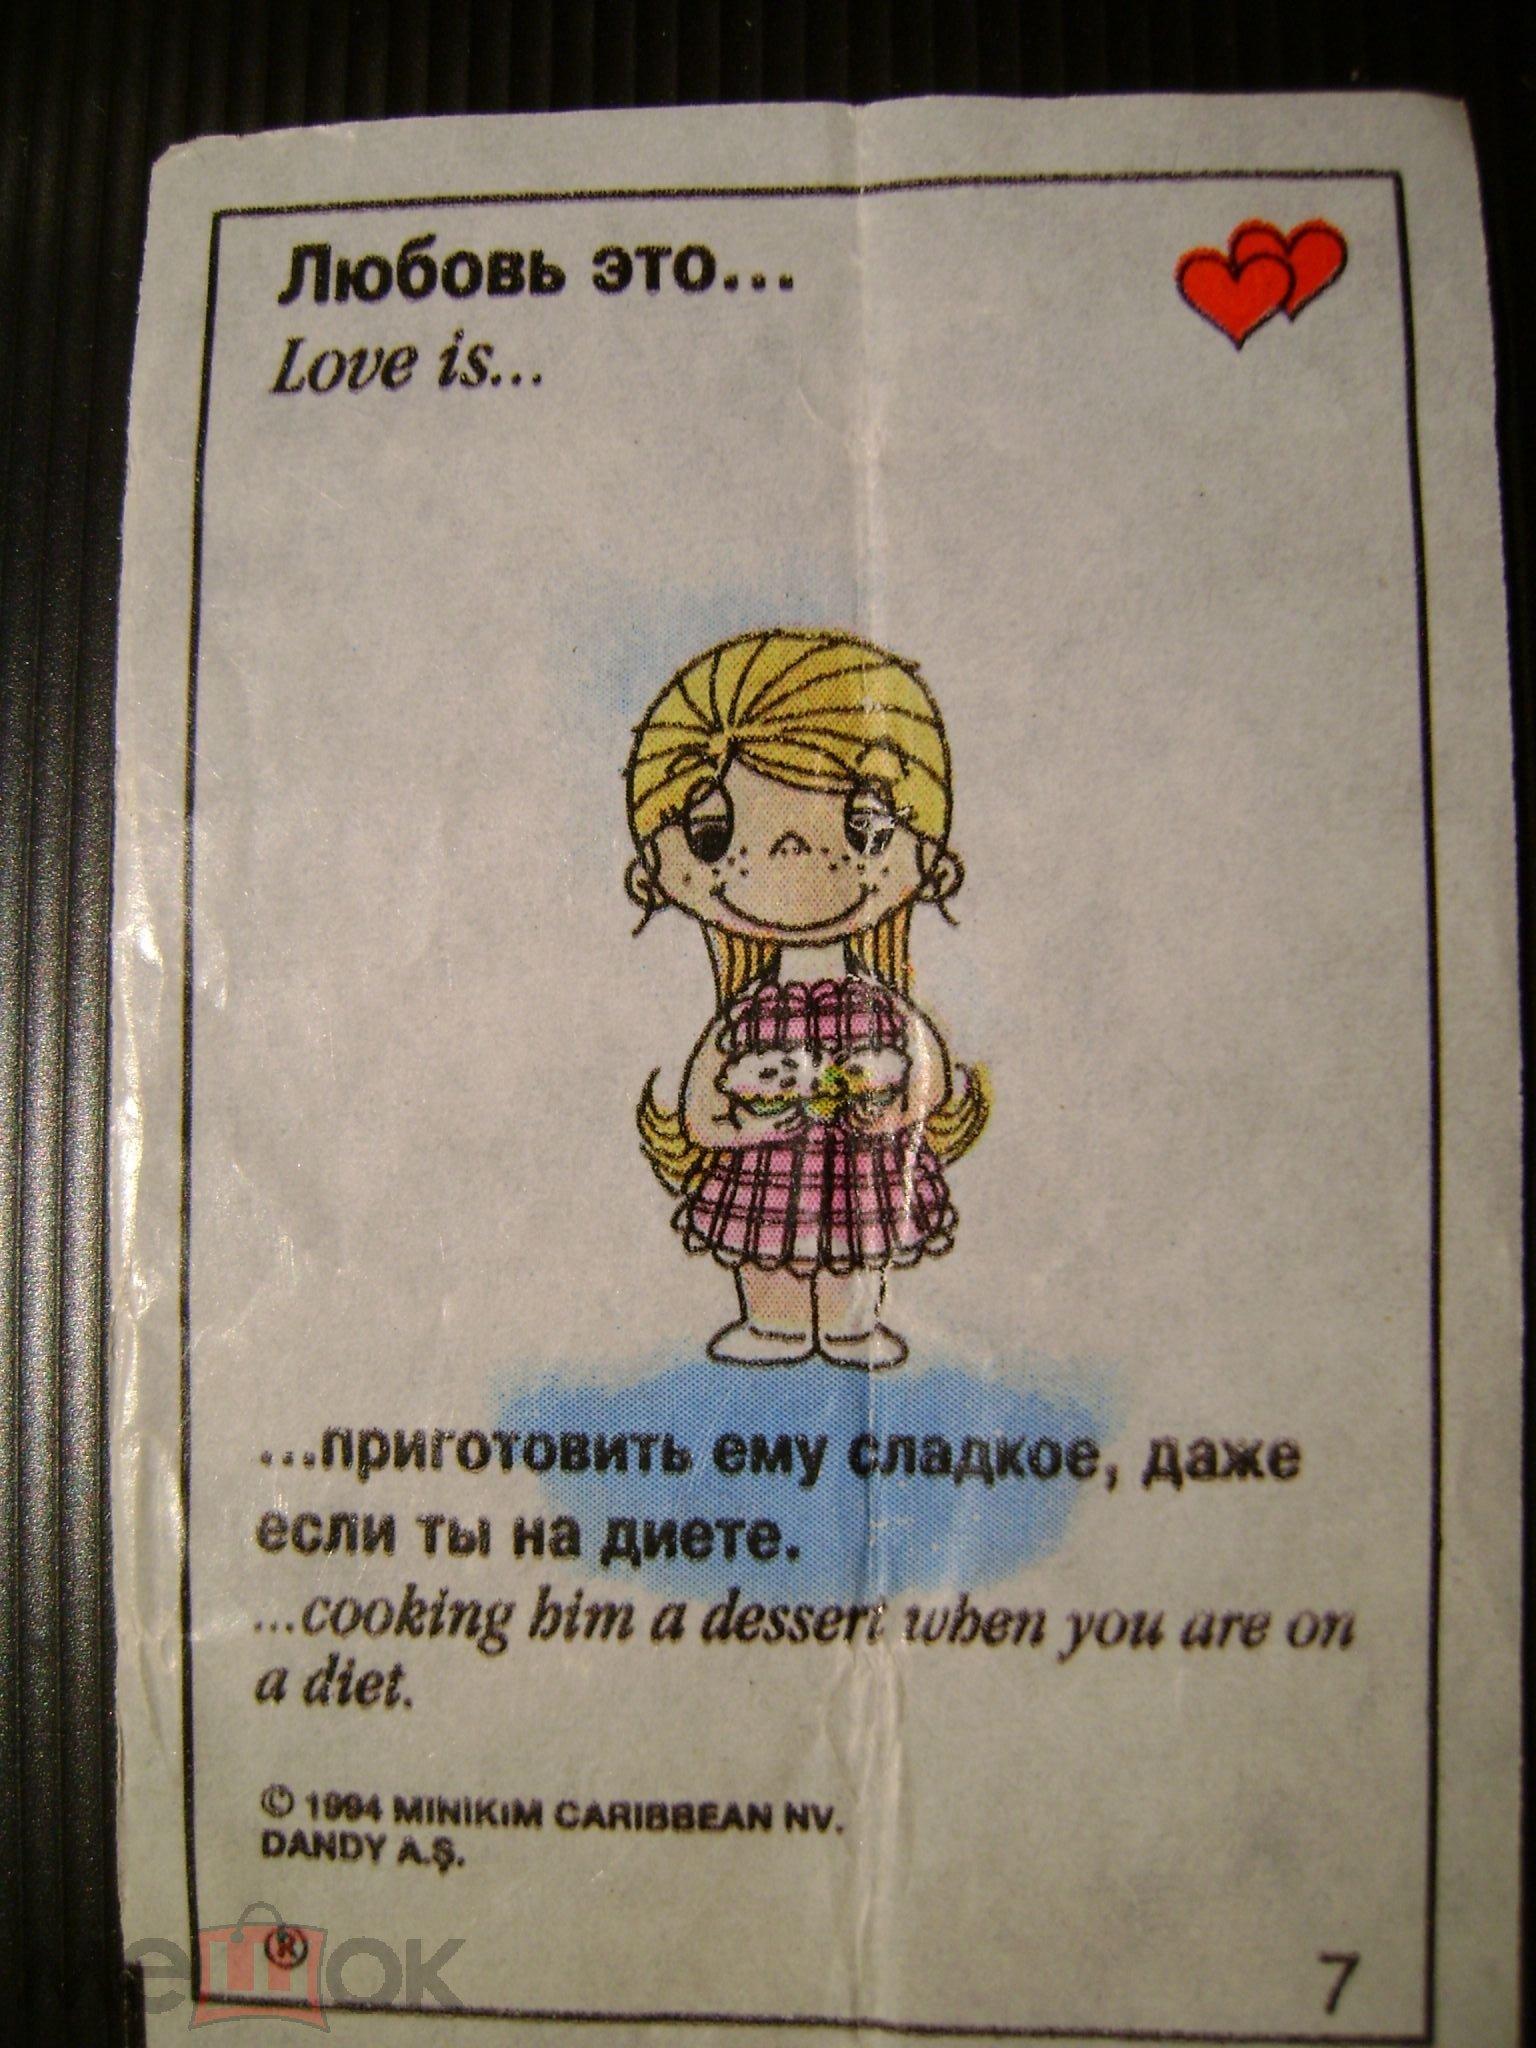 Любовь это картинки жвачки с надписями, открытки для байкера